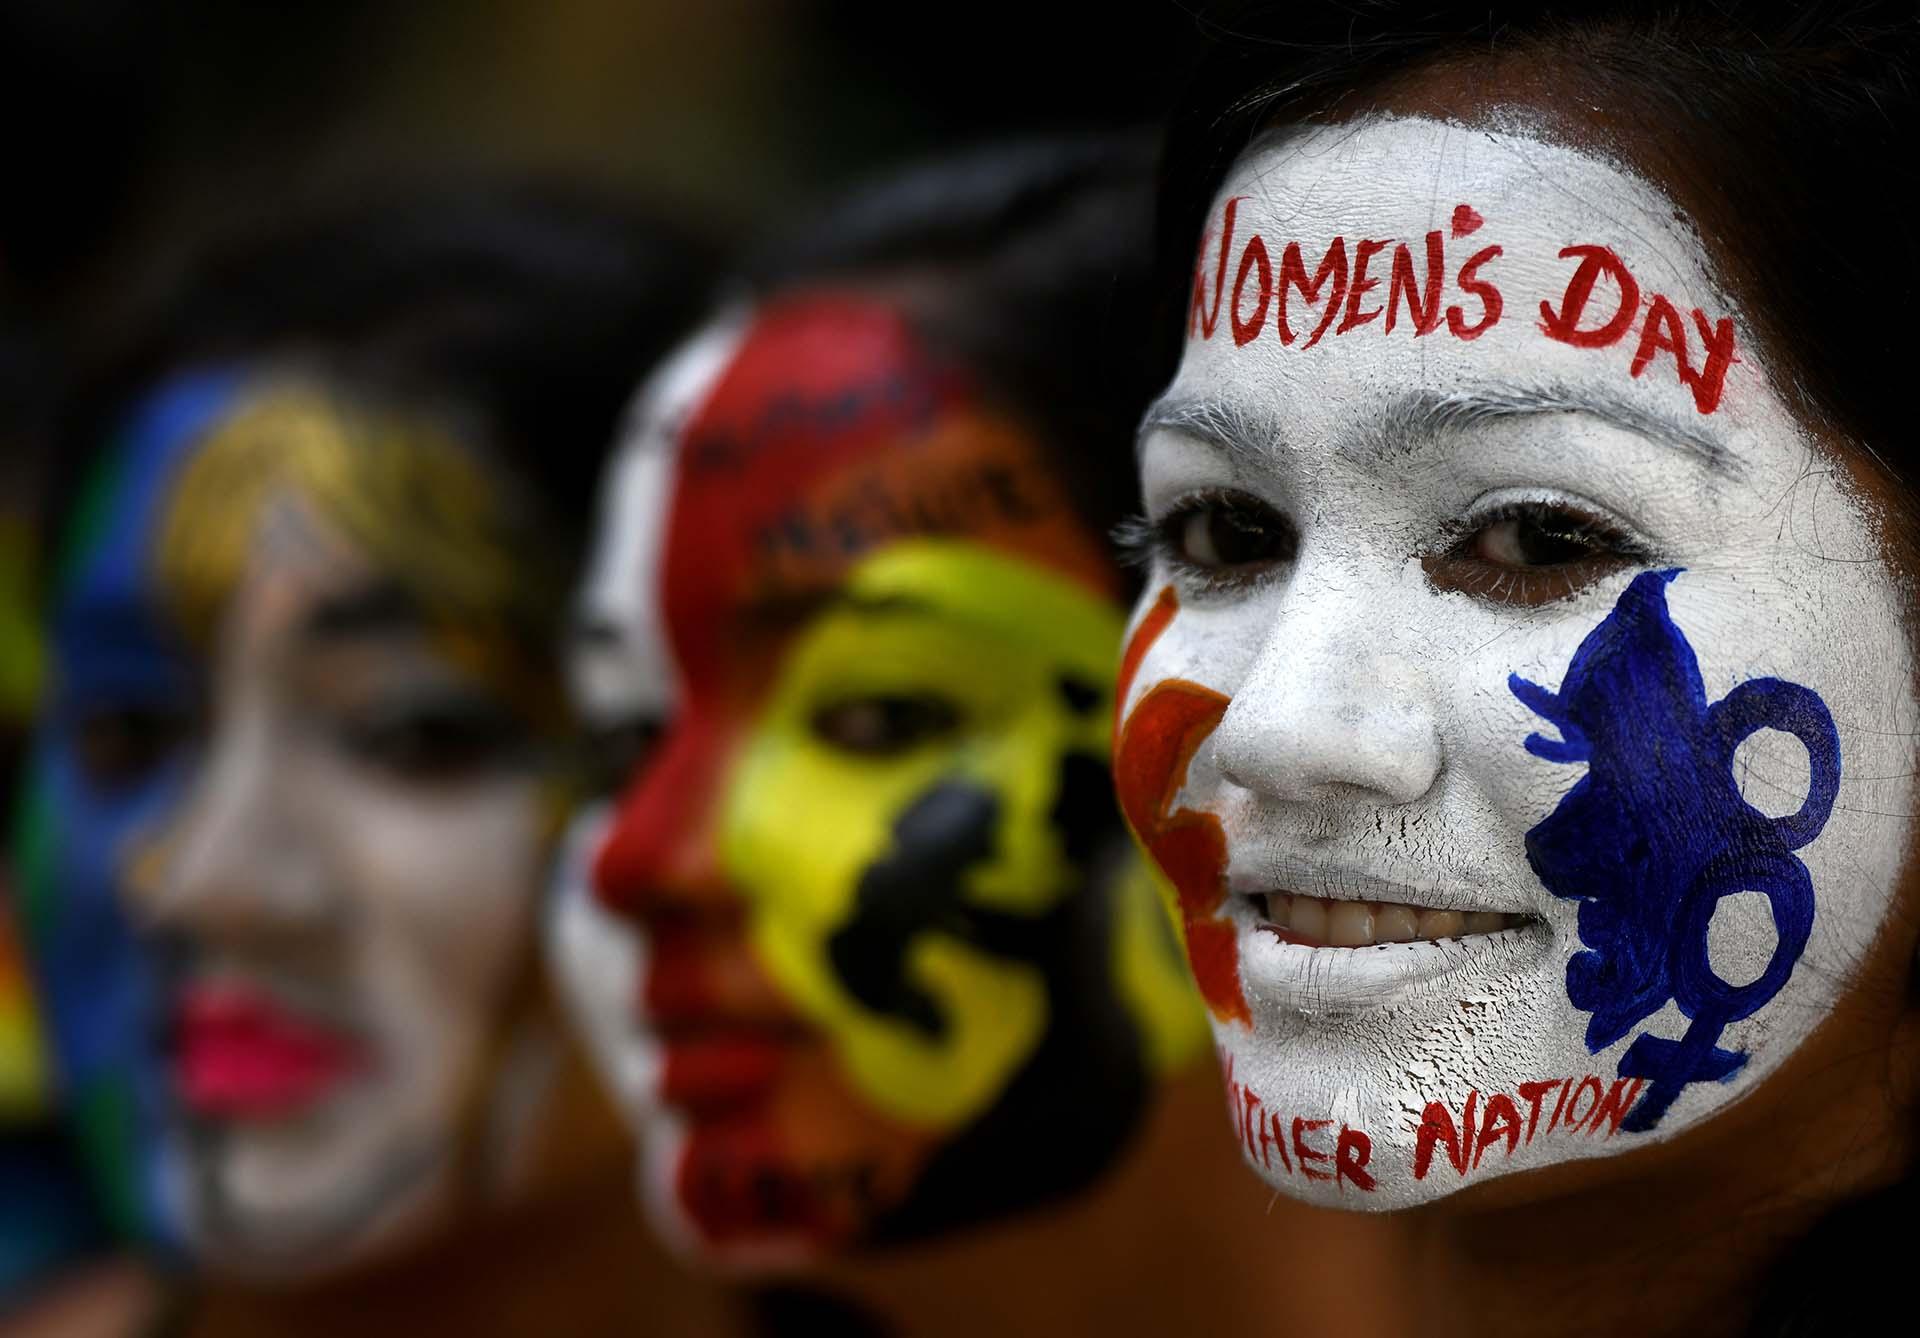 Estudiantes indias posan con sus rostros pintados en el Día Internacional de la Mujer, enChennai (Photo by ARUN SANKAR / AFP)